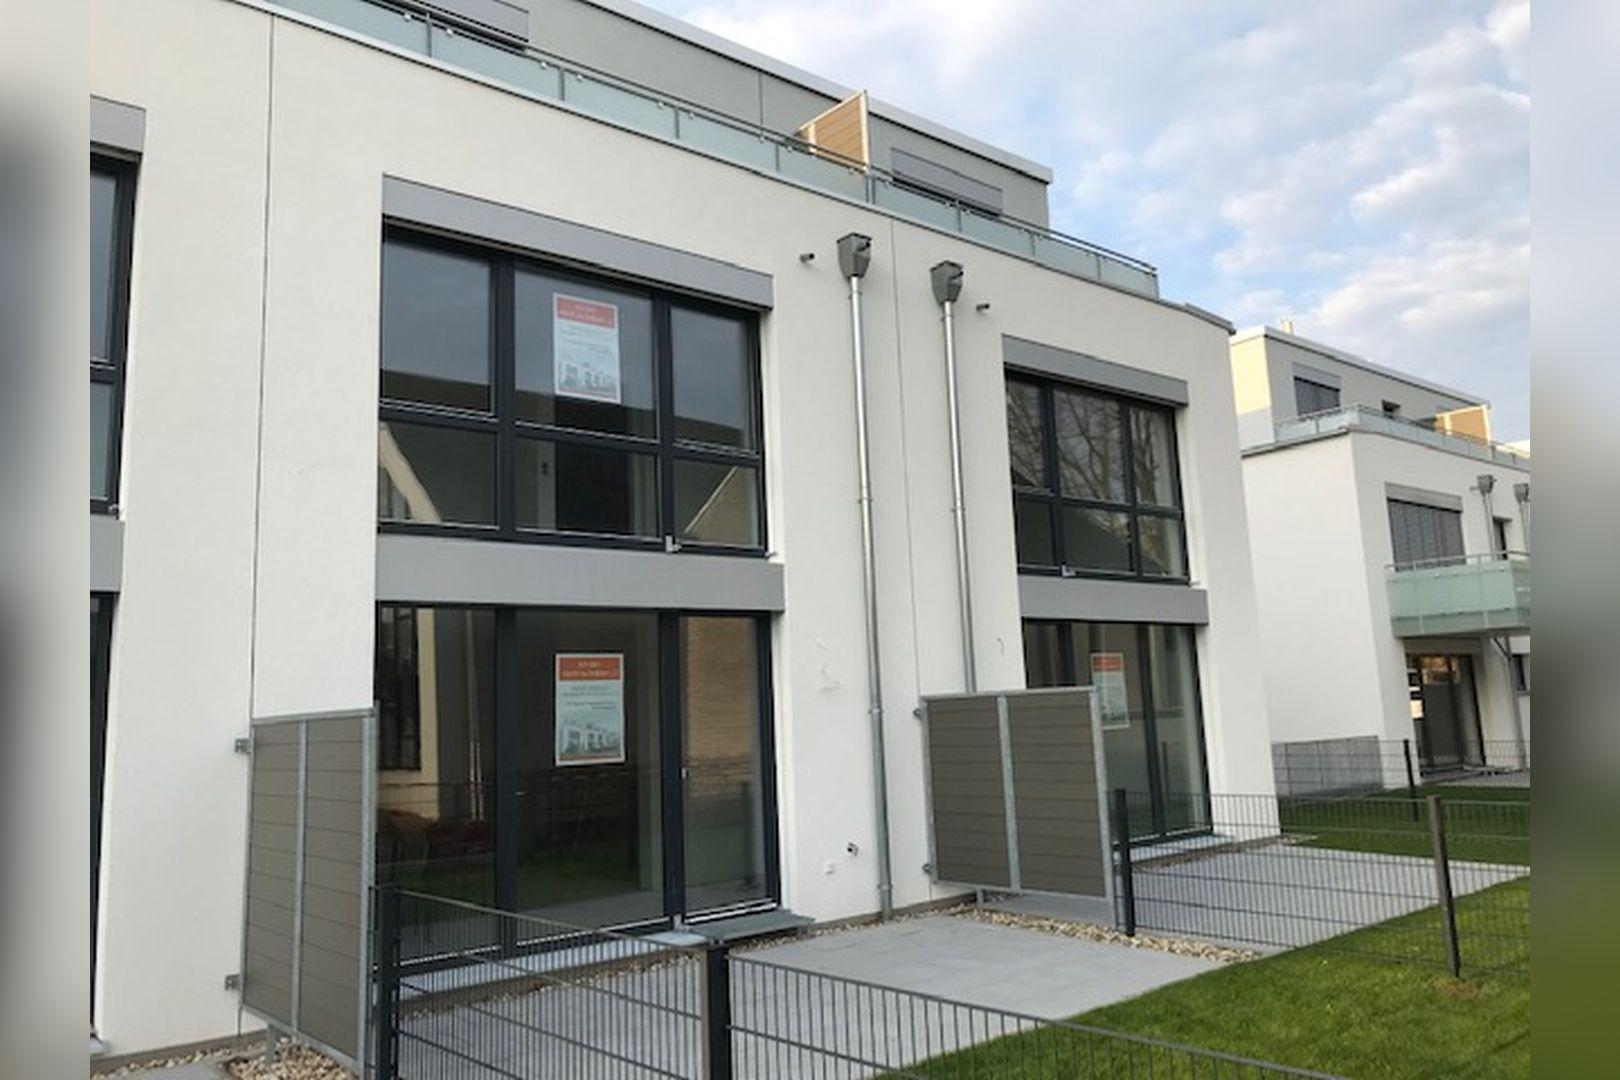 Immobilie Nr.BÖ-000 - Energieeffizientes Neubauquartier mit 20 Wohneinheiten und TG - Bild 17.jpg